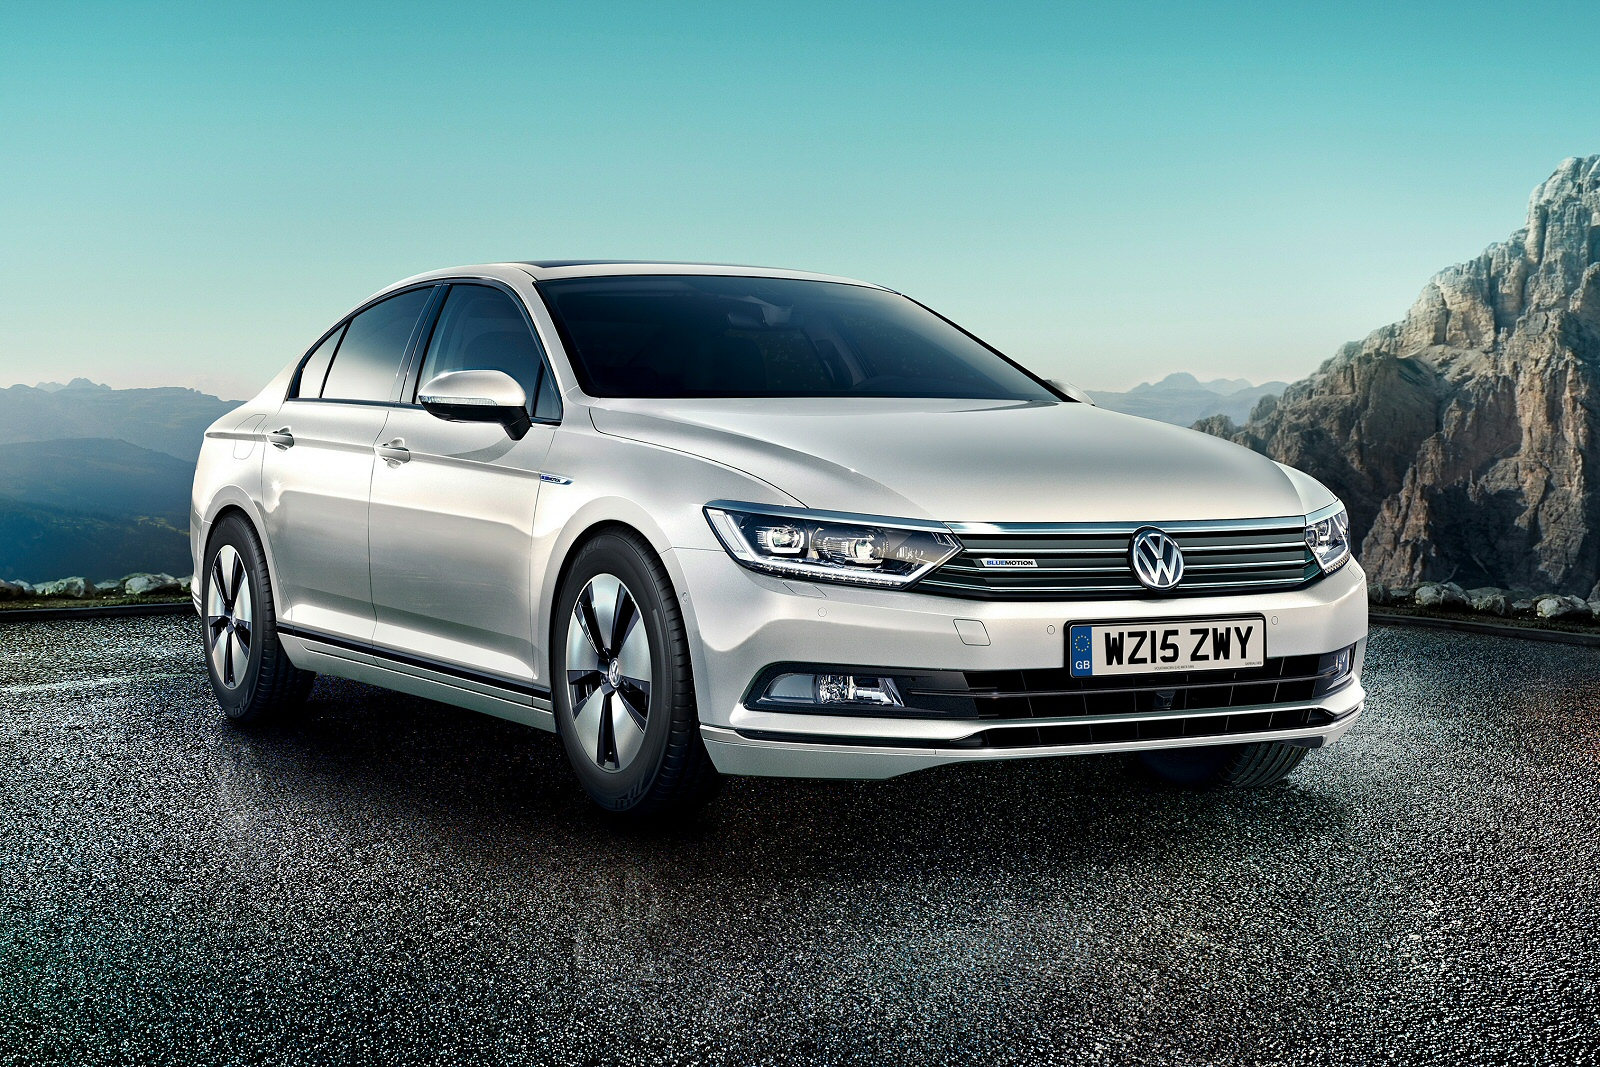 New Volkswagen Passat 1 6 Tdi Bluemotion 5dr Diesel Estate